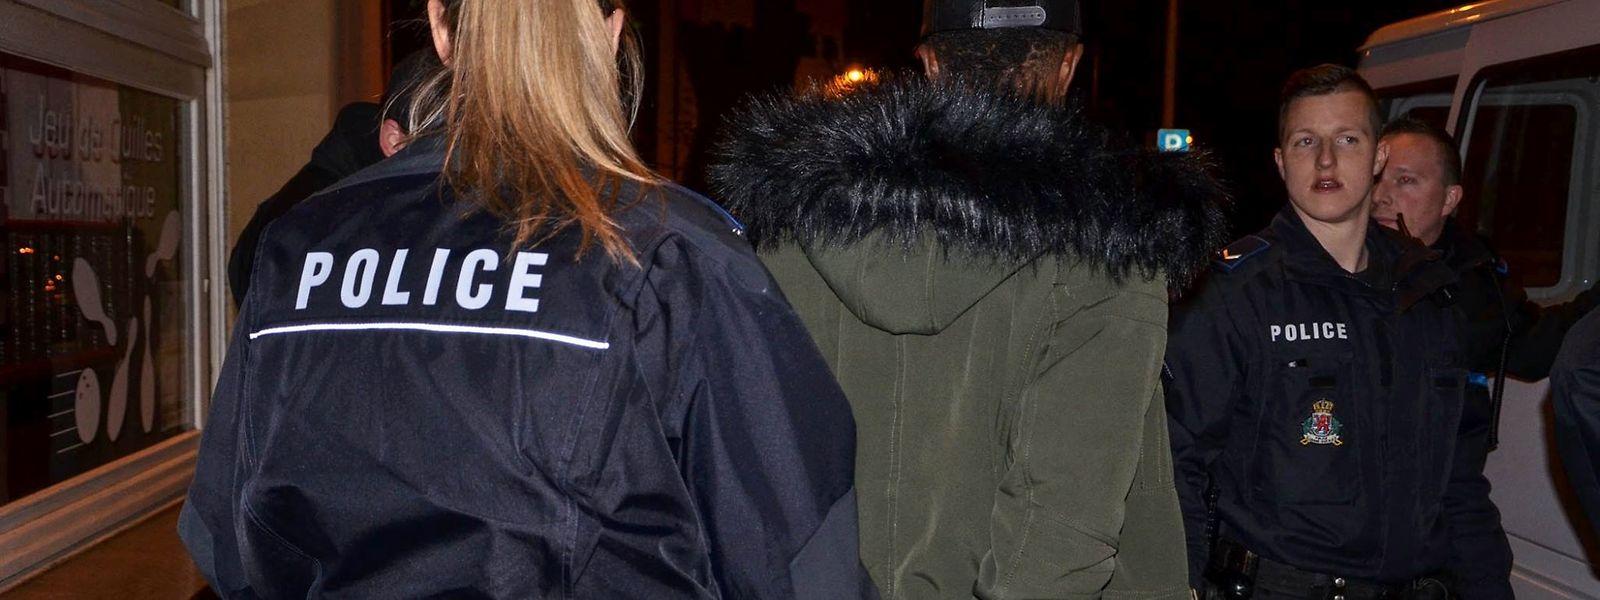 Bei elf von 30 kontrollierten Gästen schlug der Drogenspürhund an. Einige von ihnen führten geringe Mengen an Drogen bei sich, sieben Personen versteckten Drogenkugeln in ihrem Magen-Darm-Trakt.